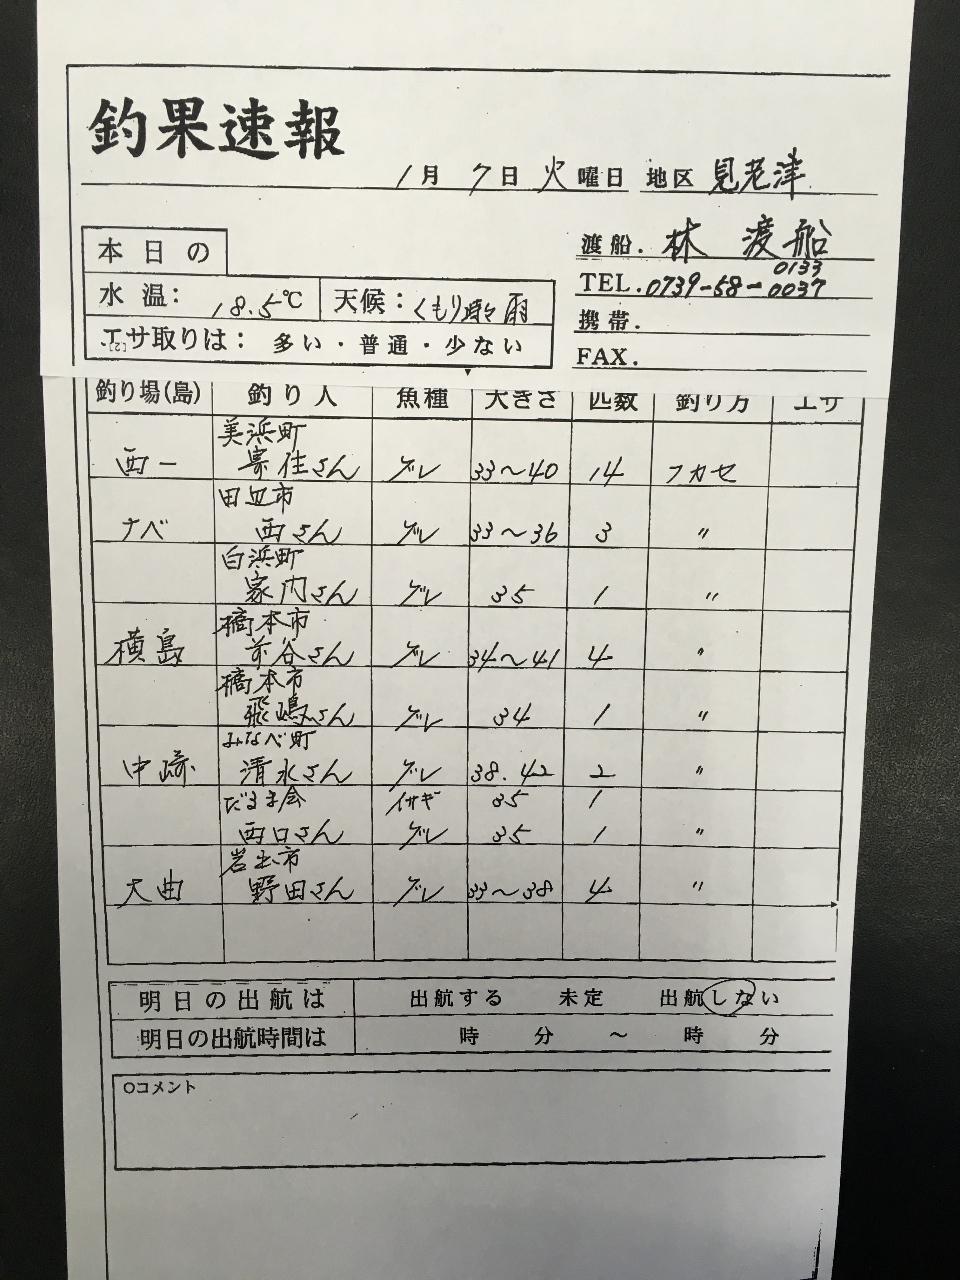 1/7 すさみ見老津 林渡船さん釣果